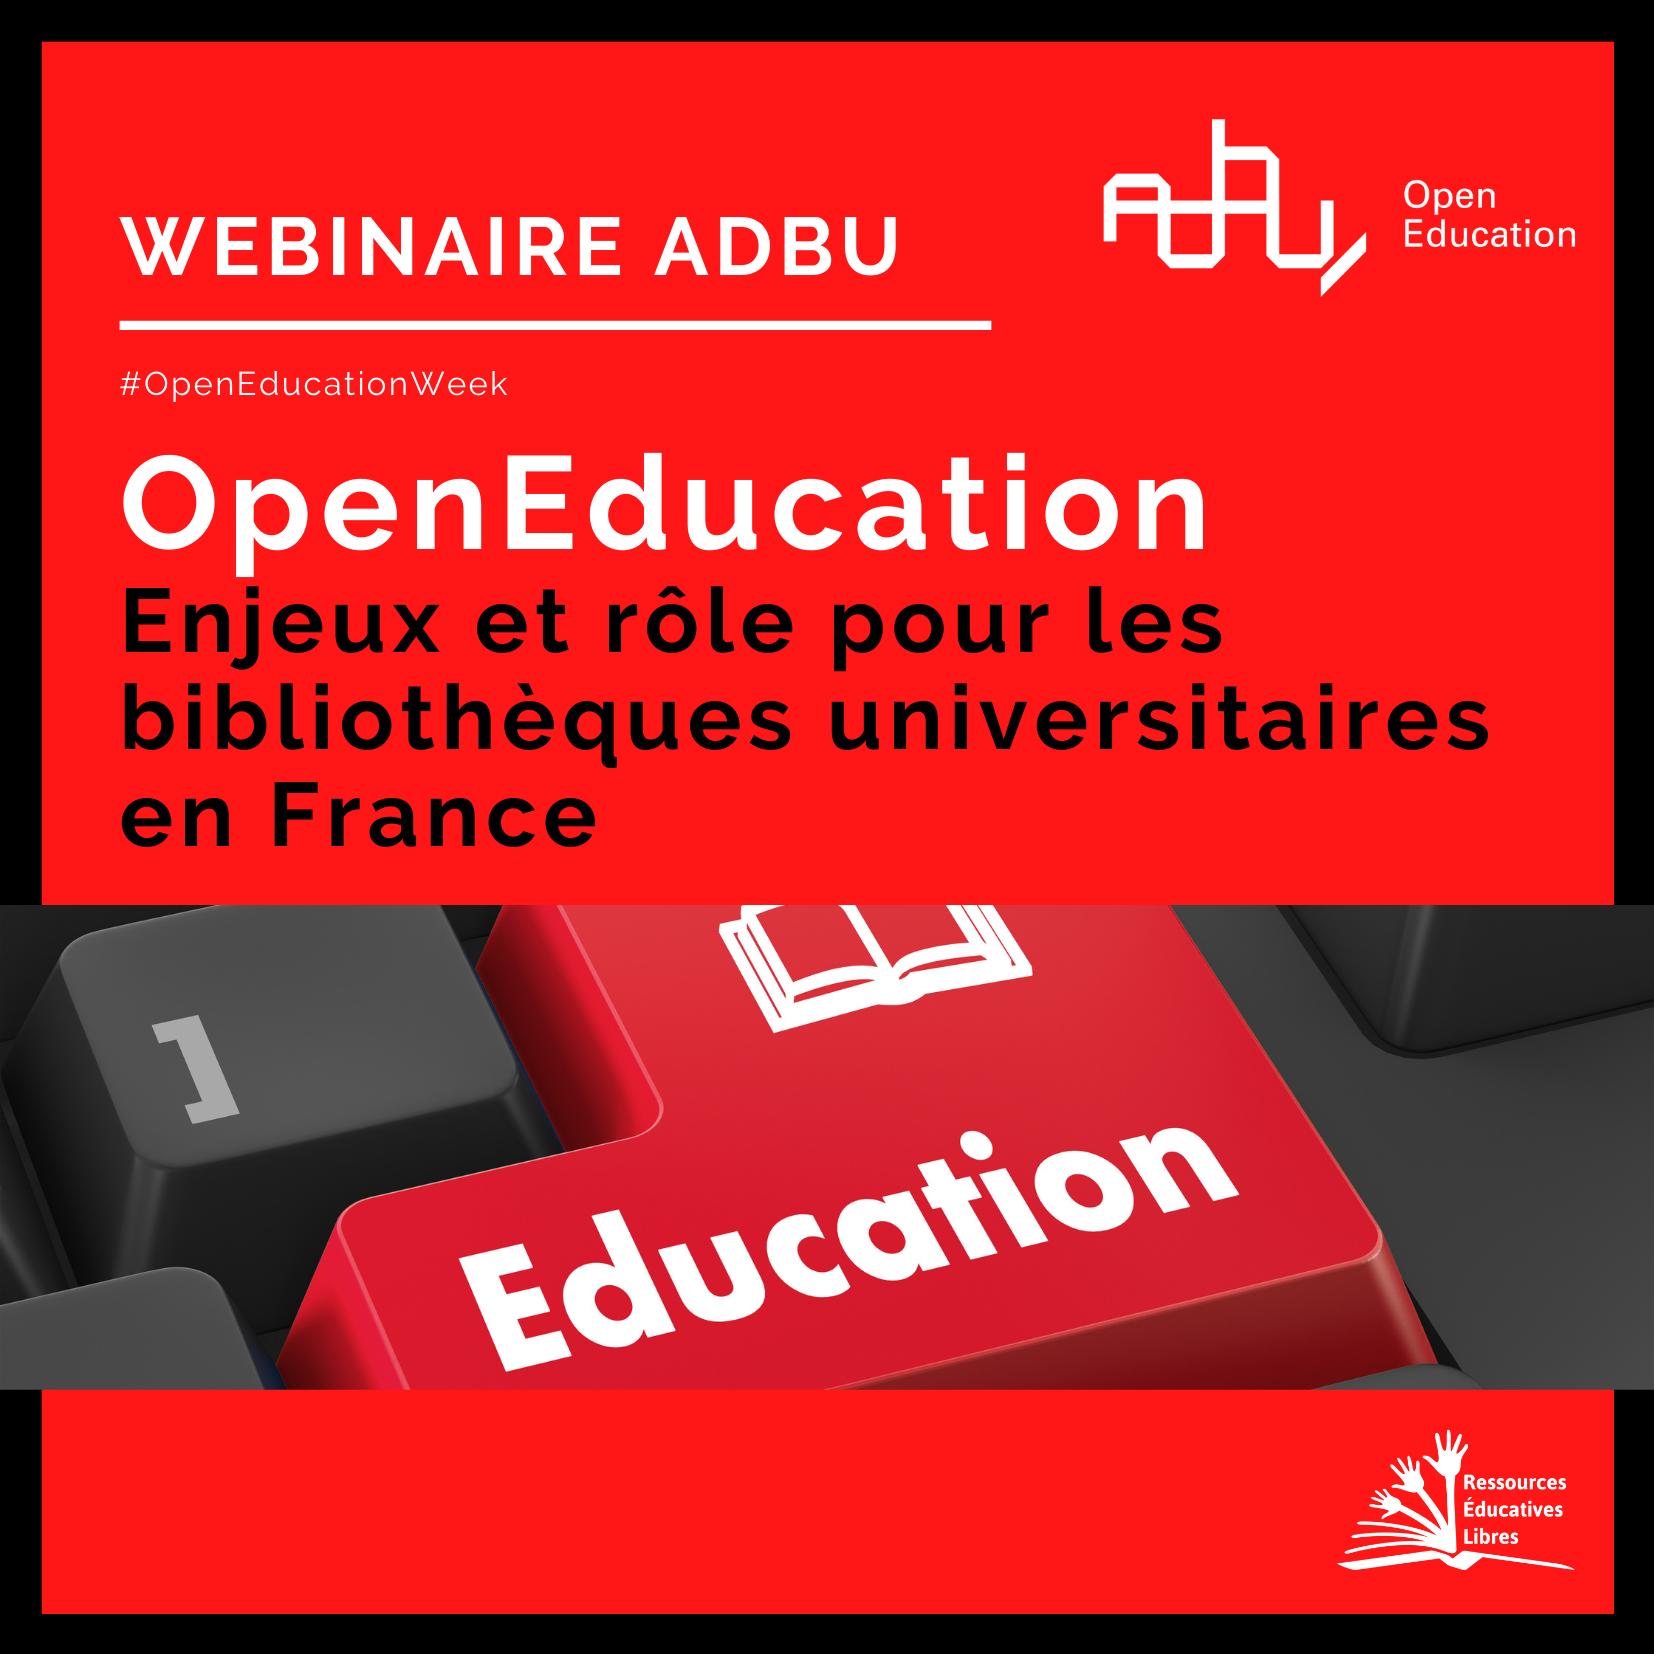 WEBINAR ADBU Open Education(2)